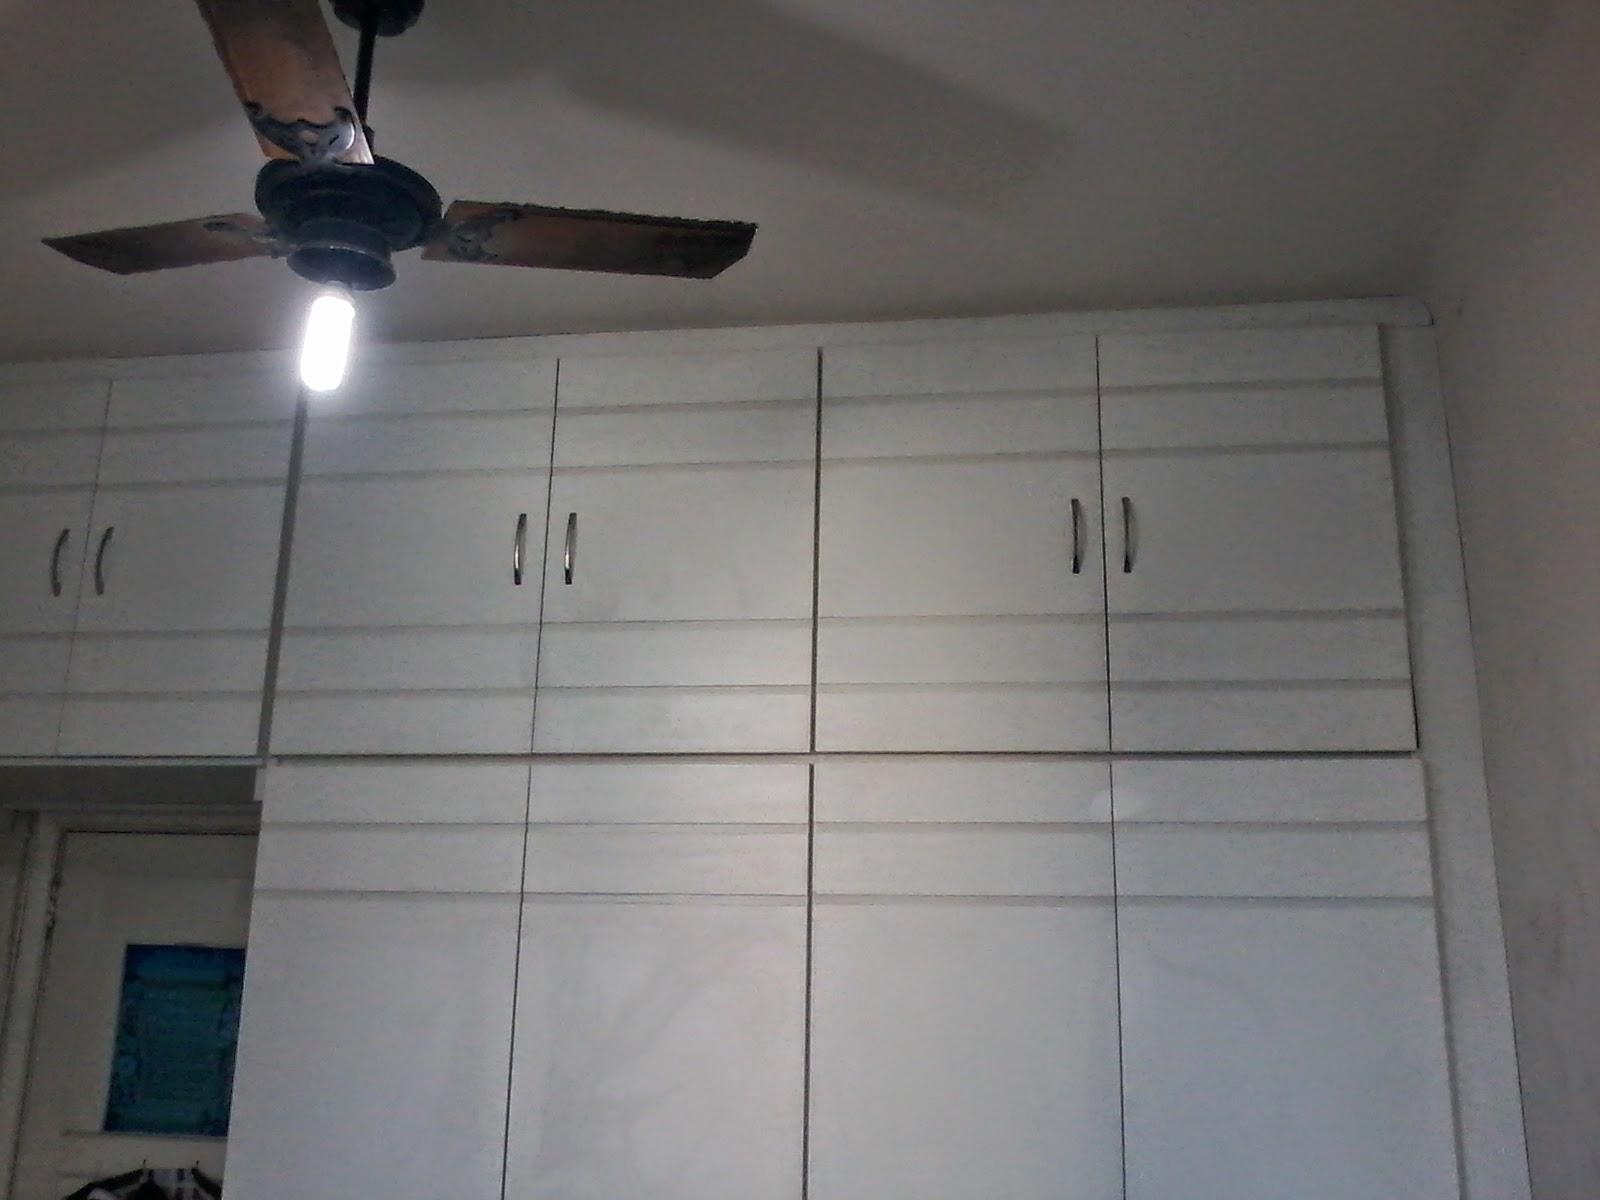 #6A6661 ) 984.663101 (Oi) / 991.662487 (Claro). Armarios embutidos / cozinhas  1600x1200 px Armario De Cozinha Compacta Ricardo Eletro_1511 Imagens